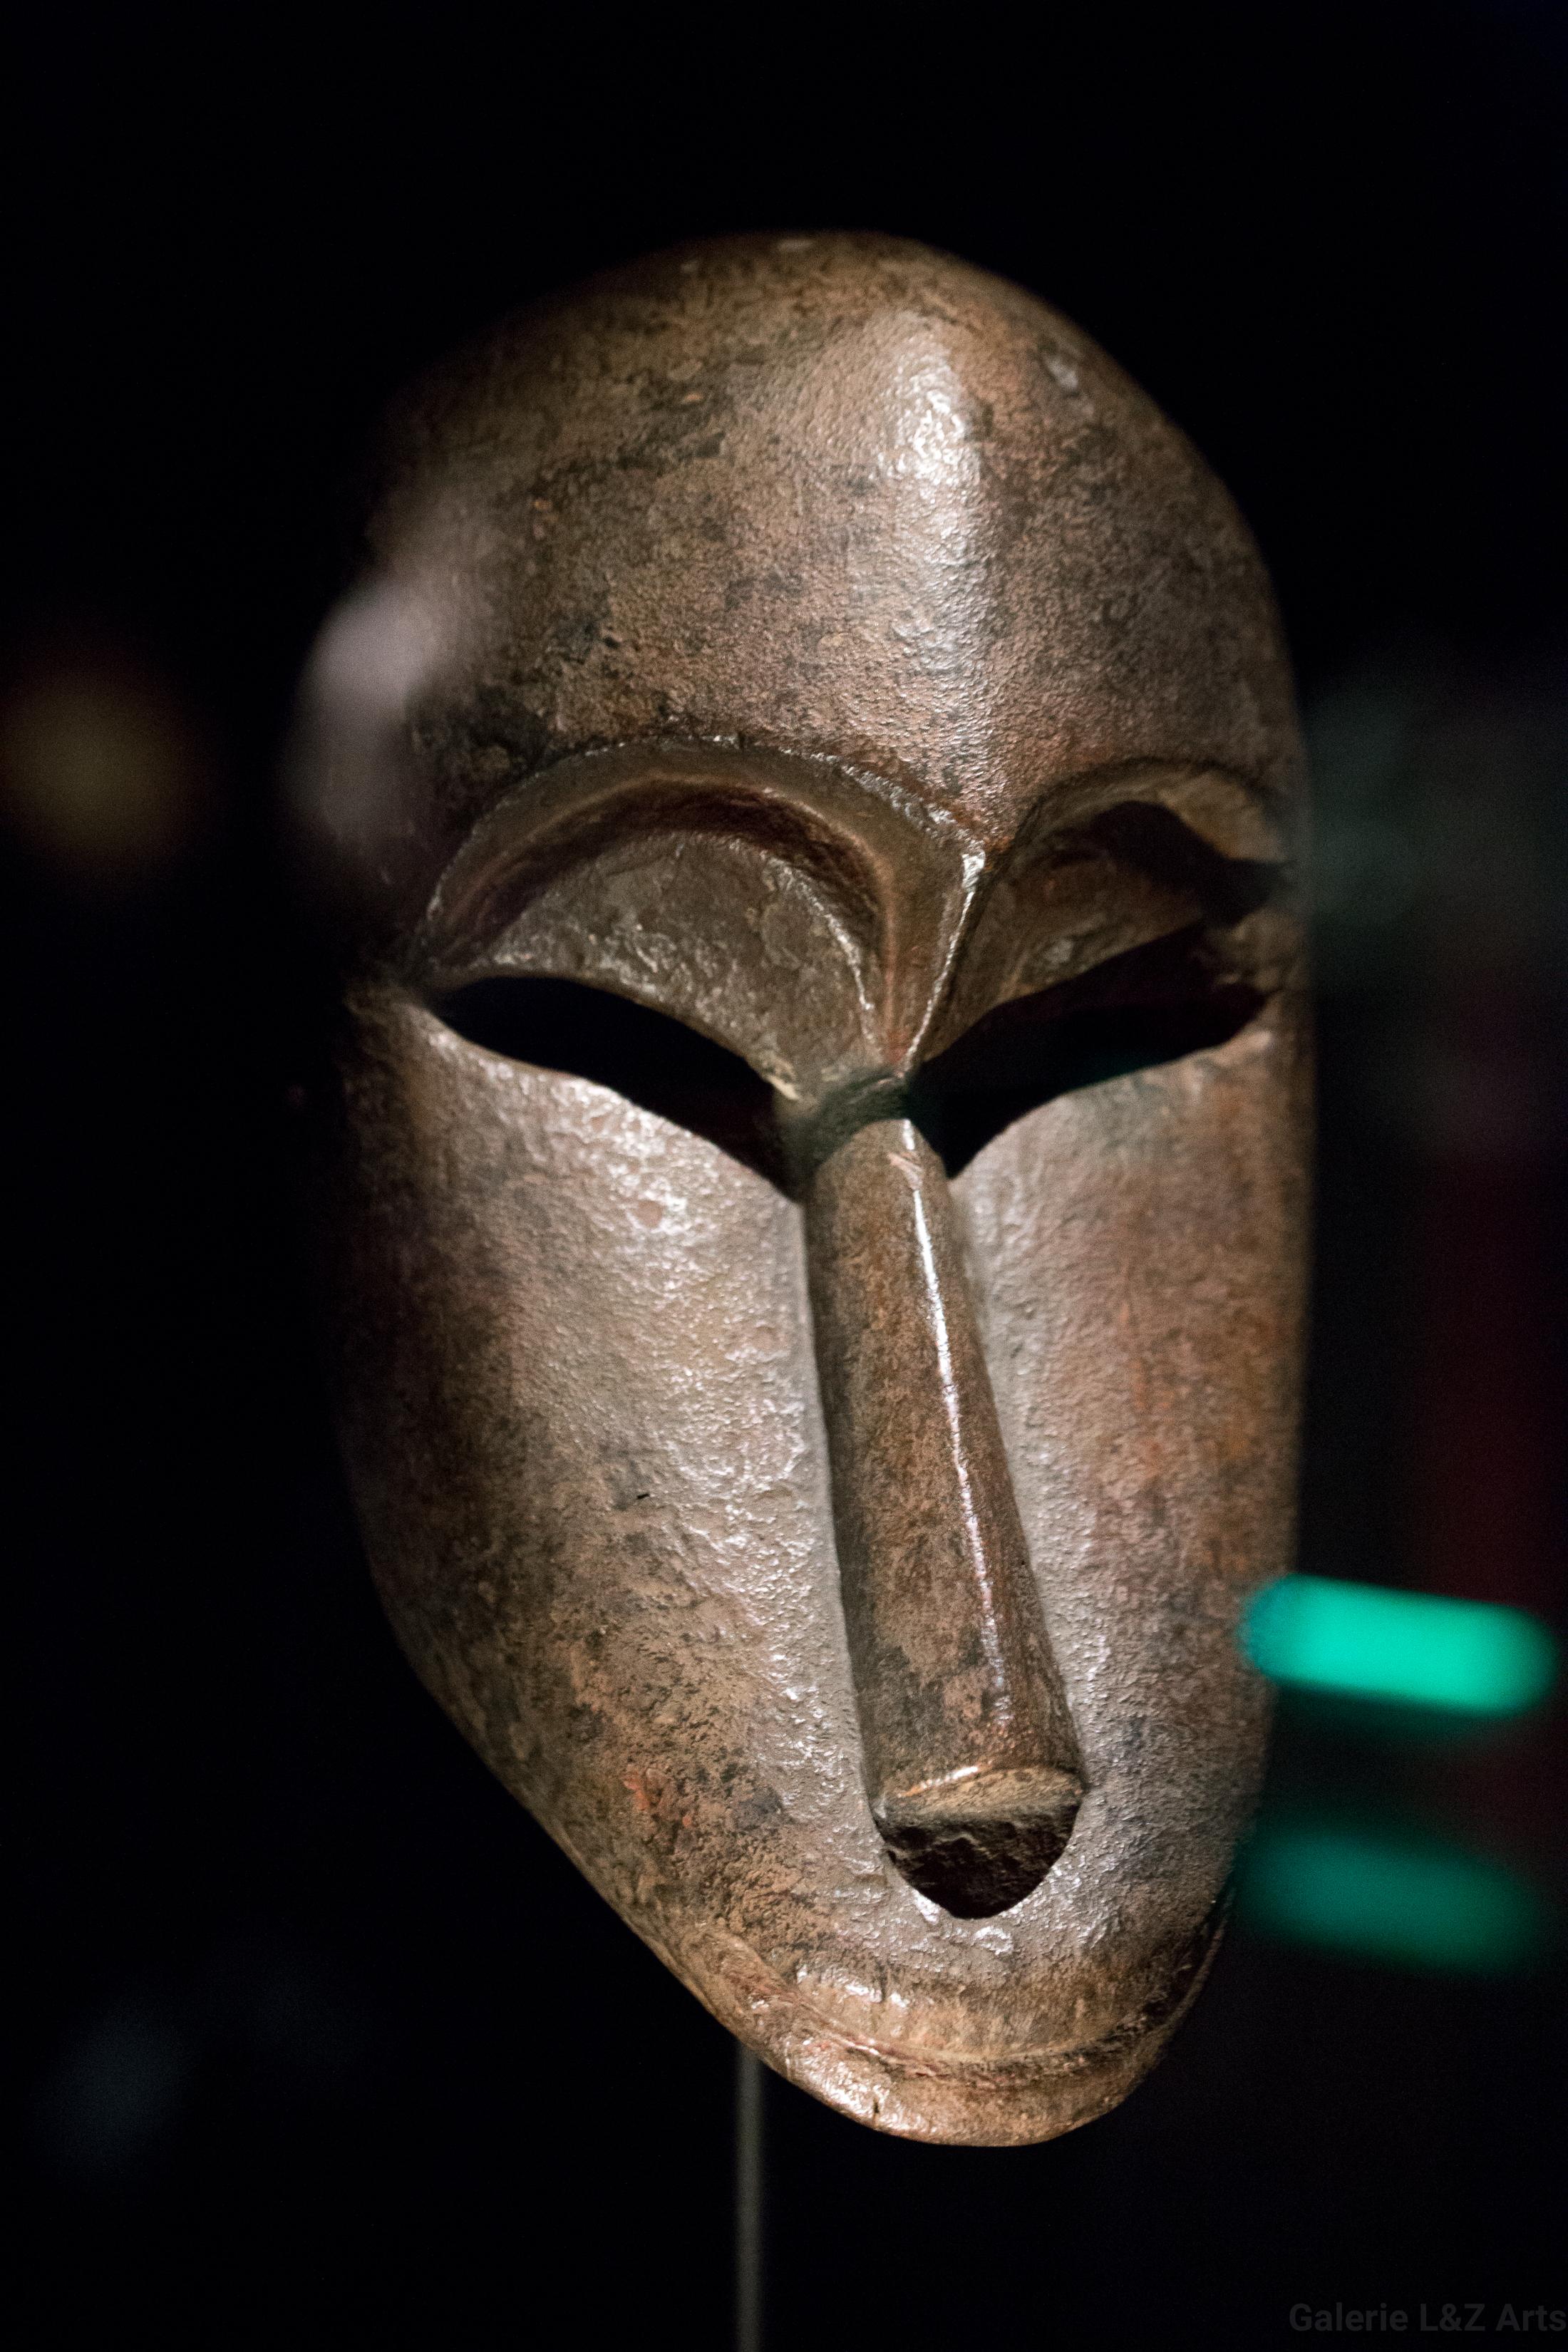 exposition-masque-art-tribal-africain-musee-quai-branly-belgique-galerie-lz-arts-liege-cite-miroir-oceanie-asie-japon-amerique-art-premier-nepal-43.jpg